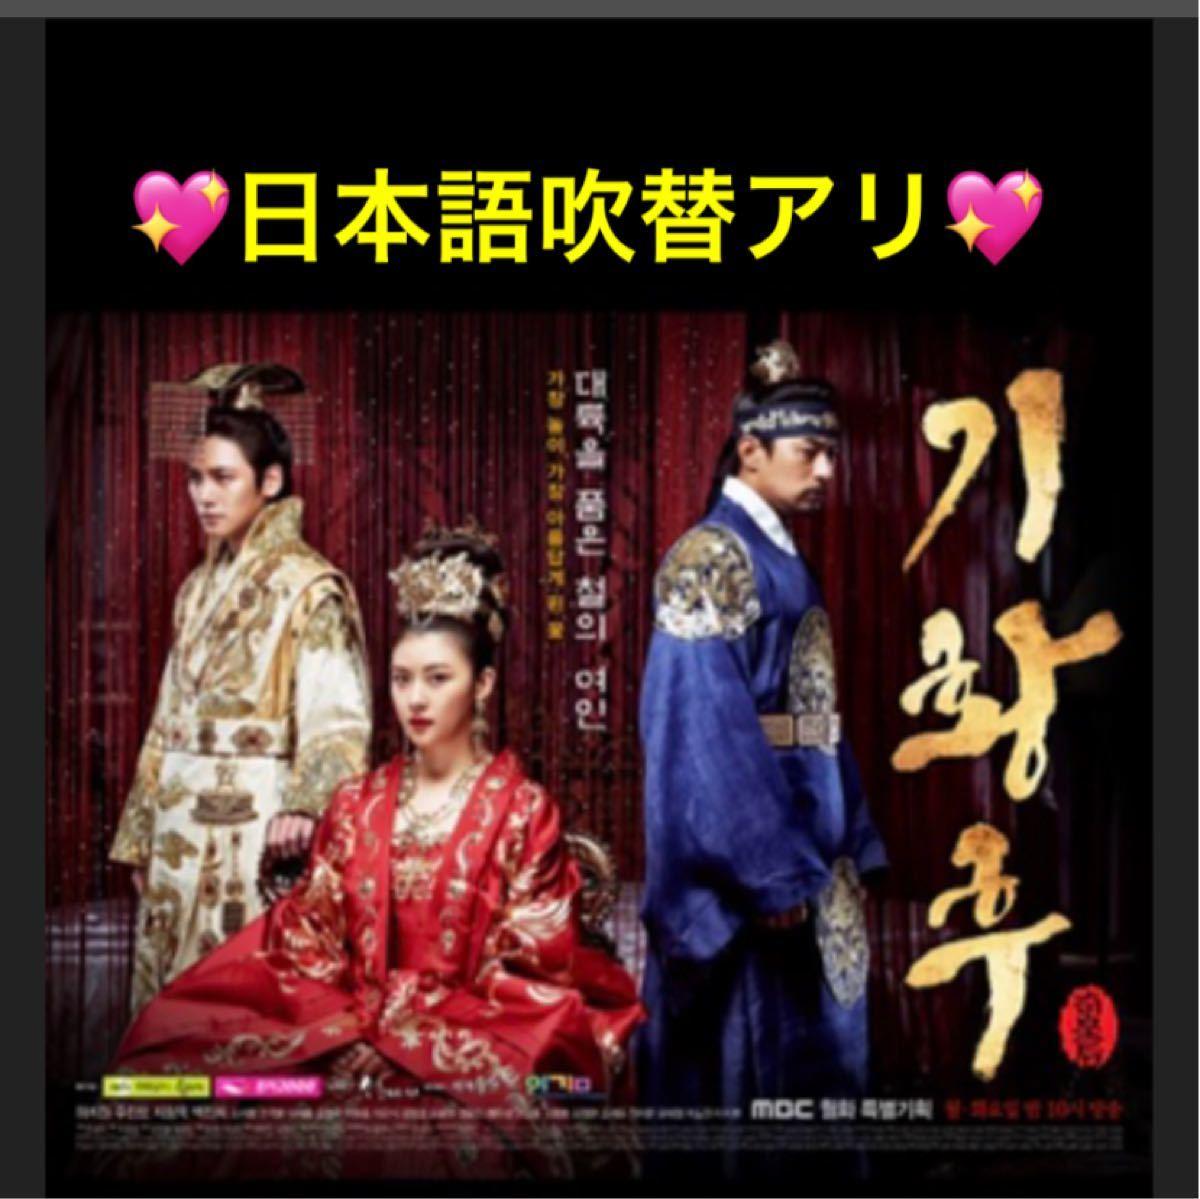 ☆韓国ドラマ☆『奇皇后』 Blu-ray  日本語吹替アリ  全話 CDケース入